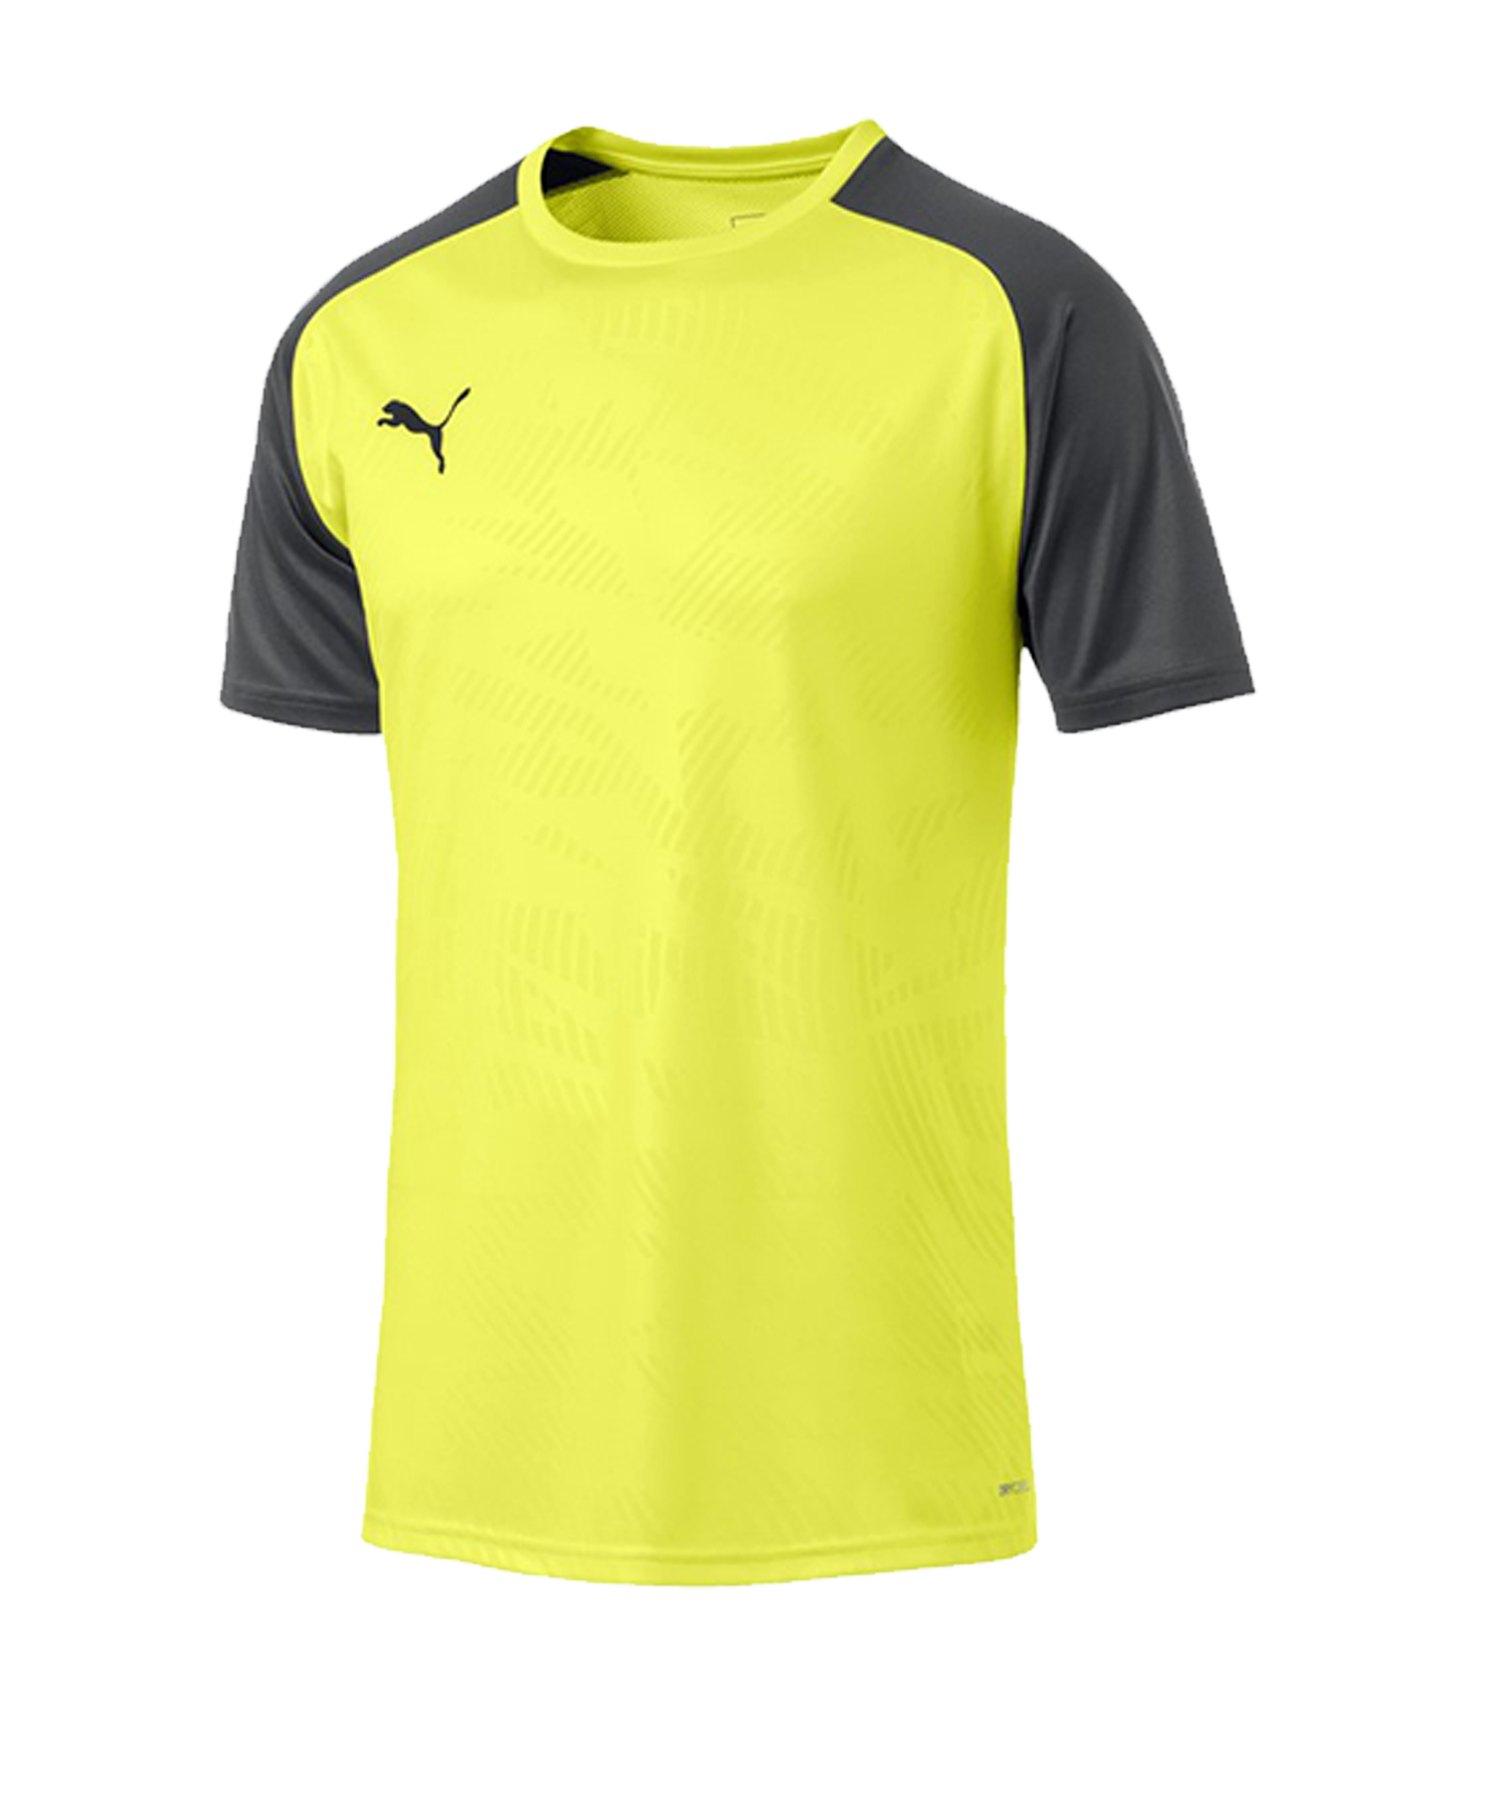 PUMA CUP Training Core T-Shirt Gelb F16 - gelb